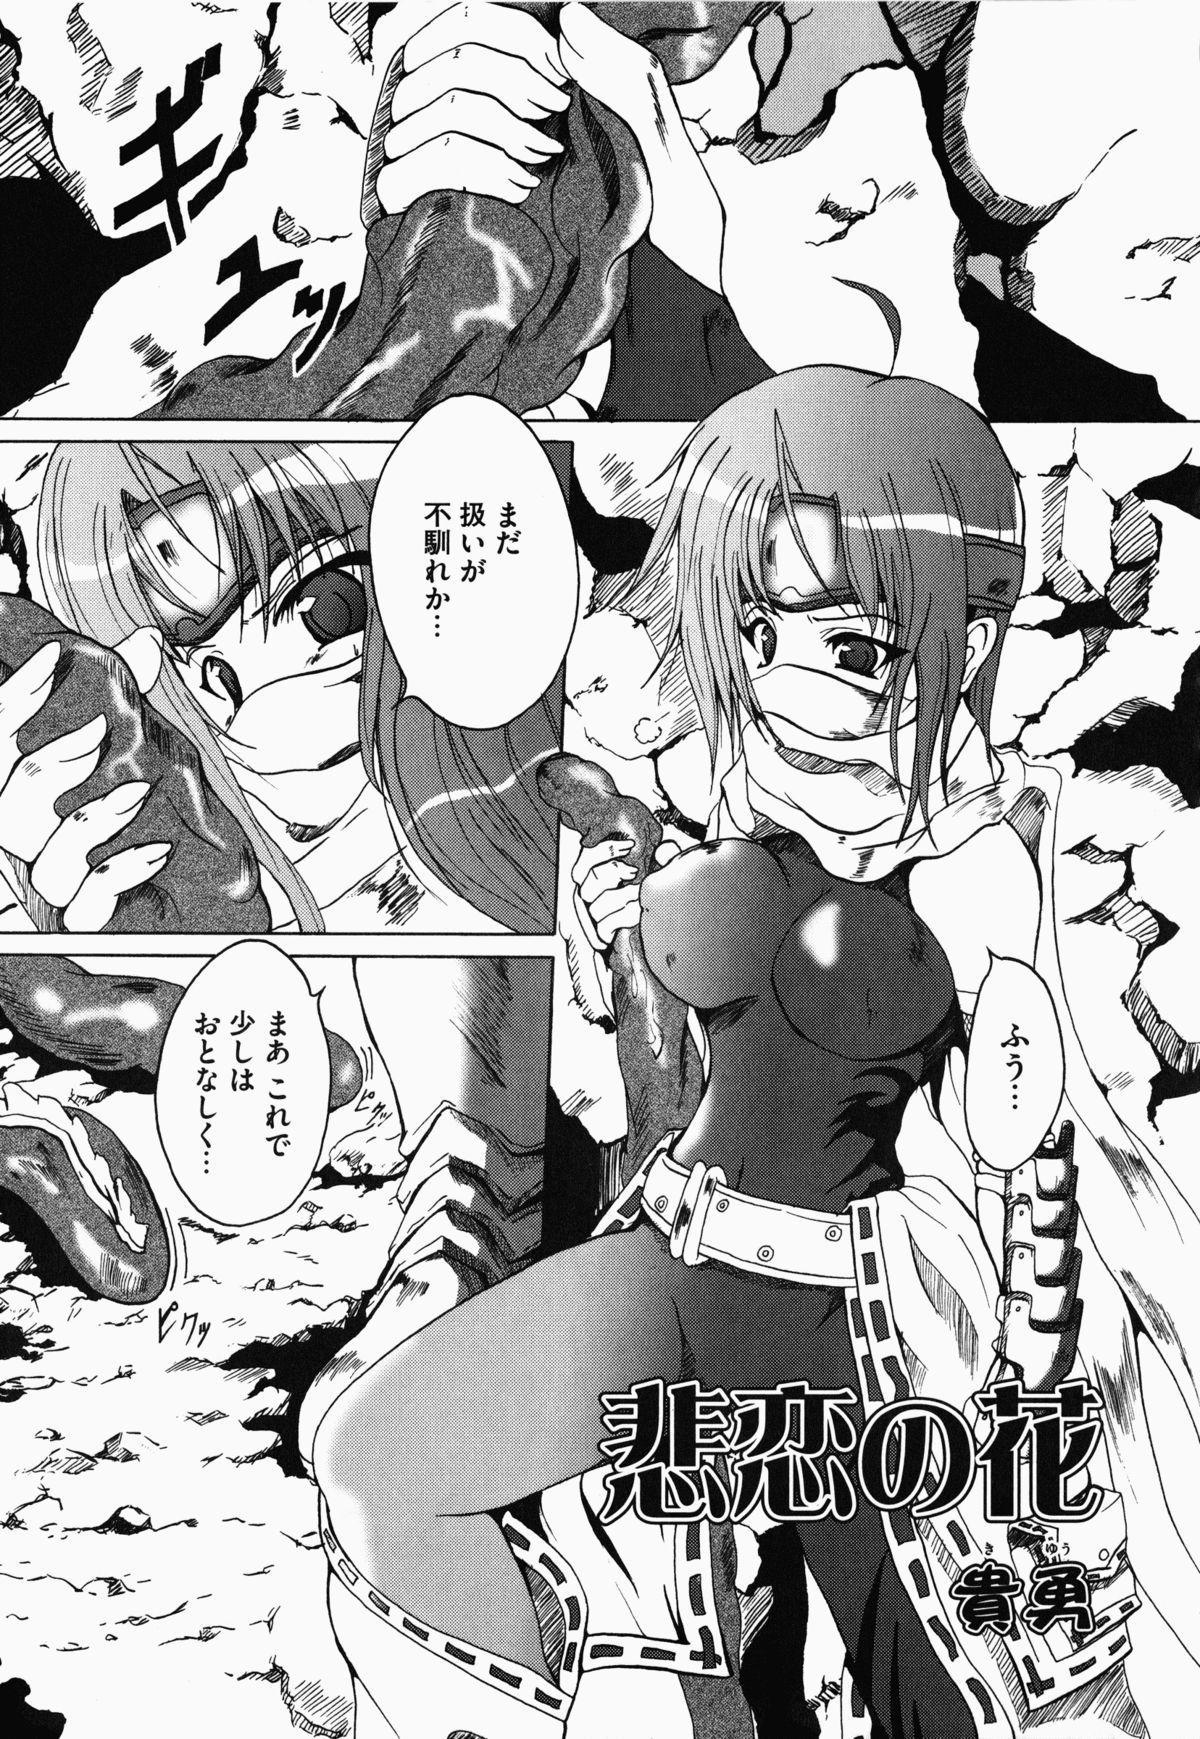 Nukenin - Hokaku, Soshite Choukyou e... 87